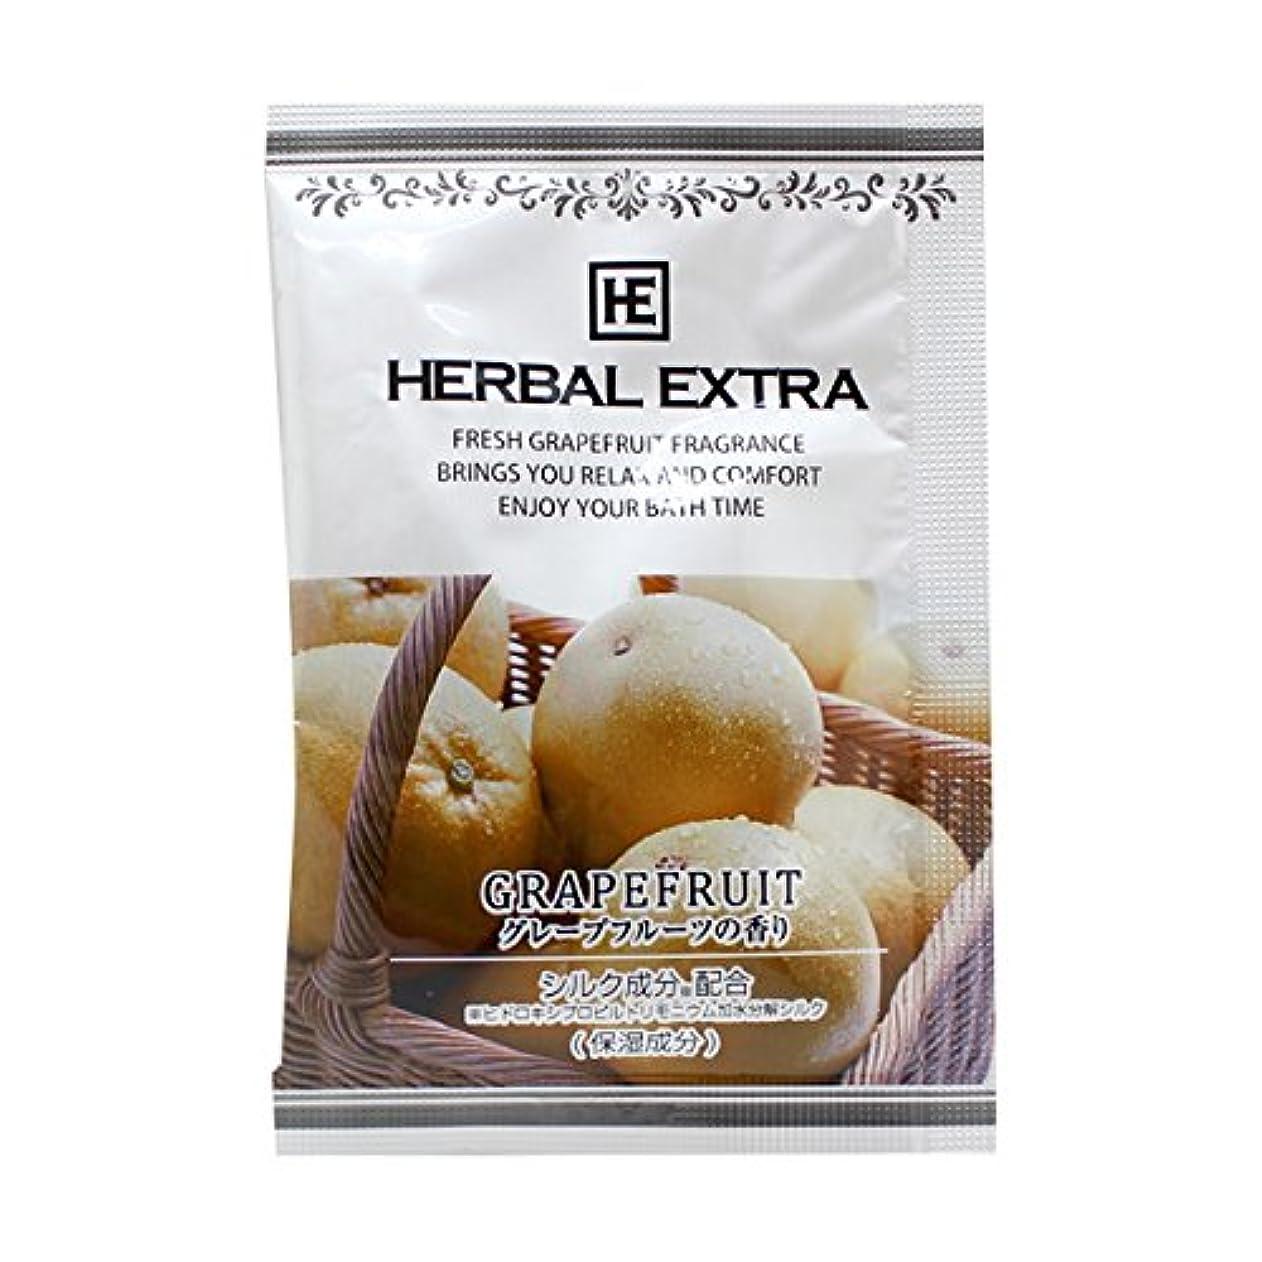 ラッチ哲学者債務入浴剤 ハーバルエクストラ「グレープフルーツの香り」30個